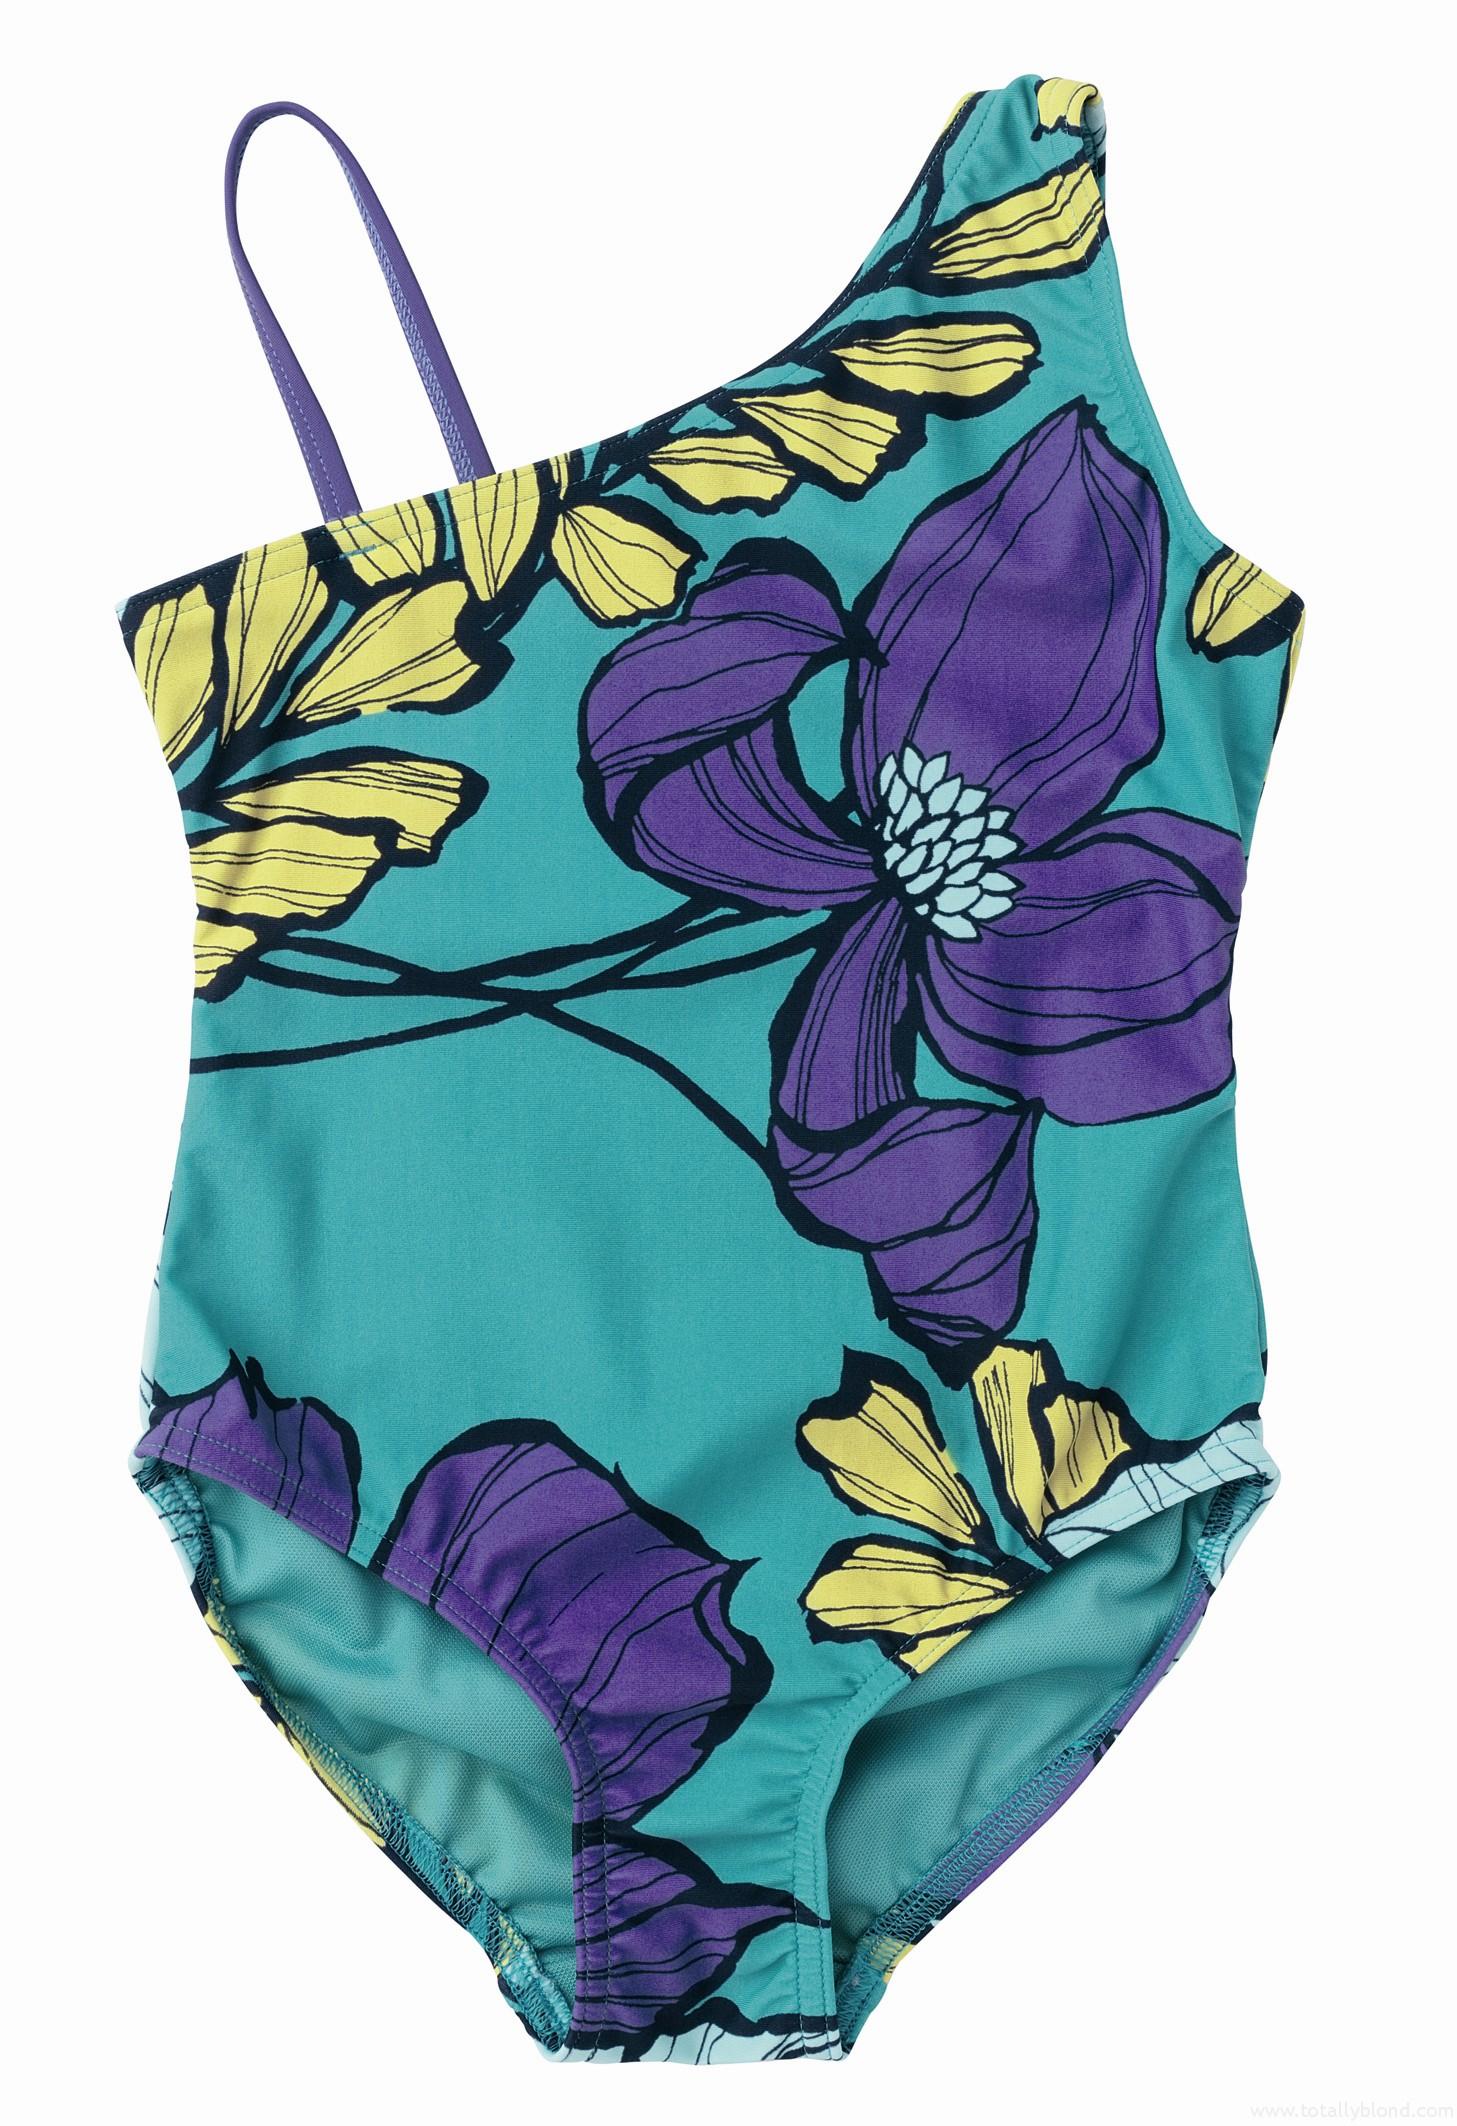 Turquiose_floral_print_swim_suit